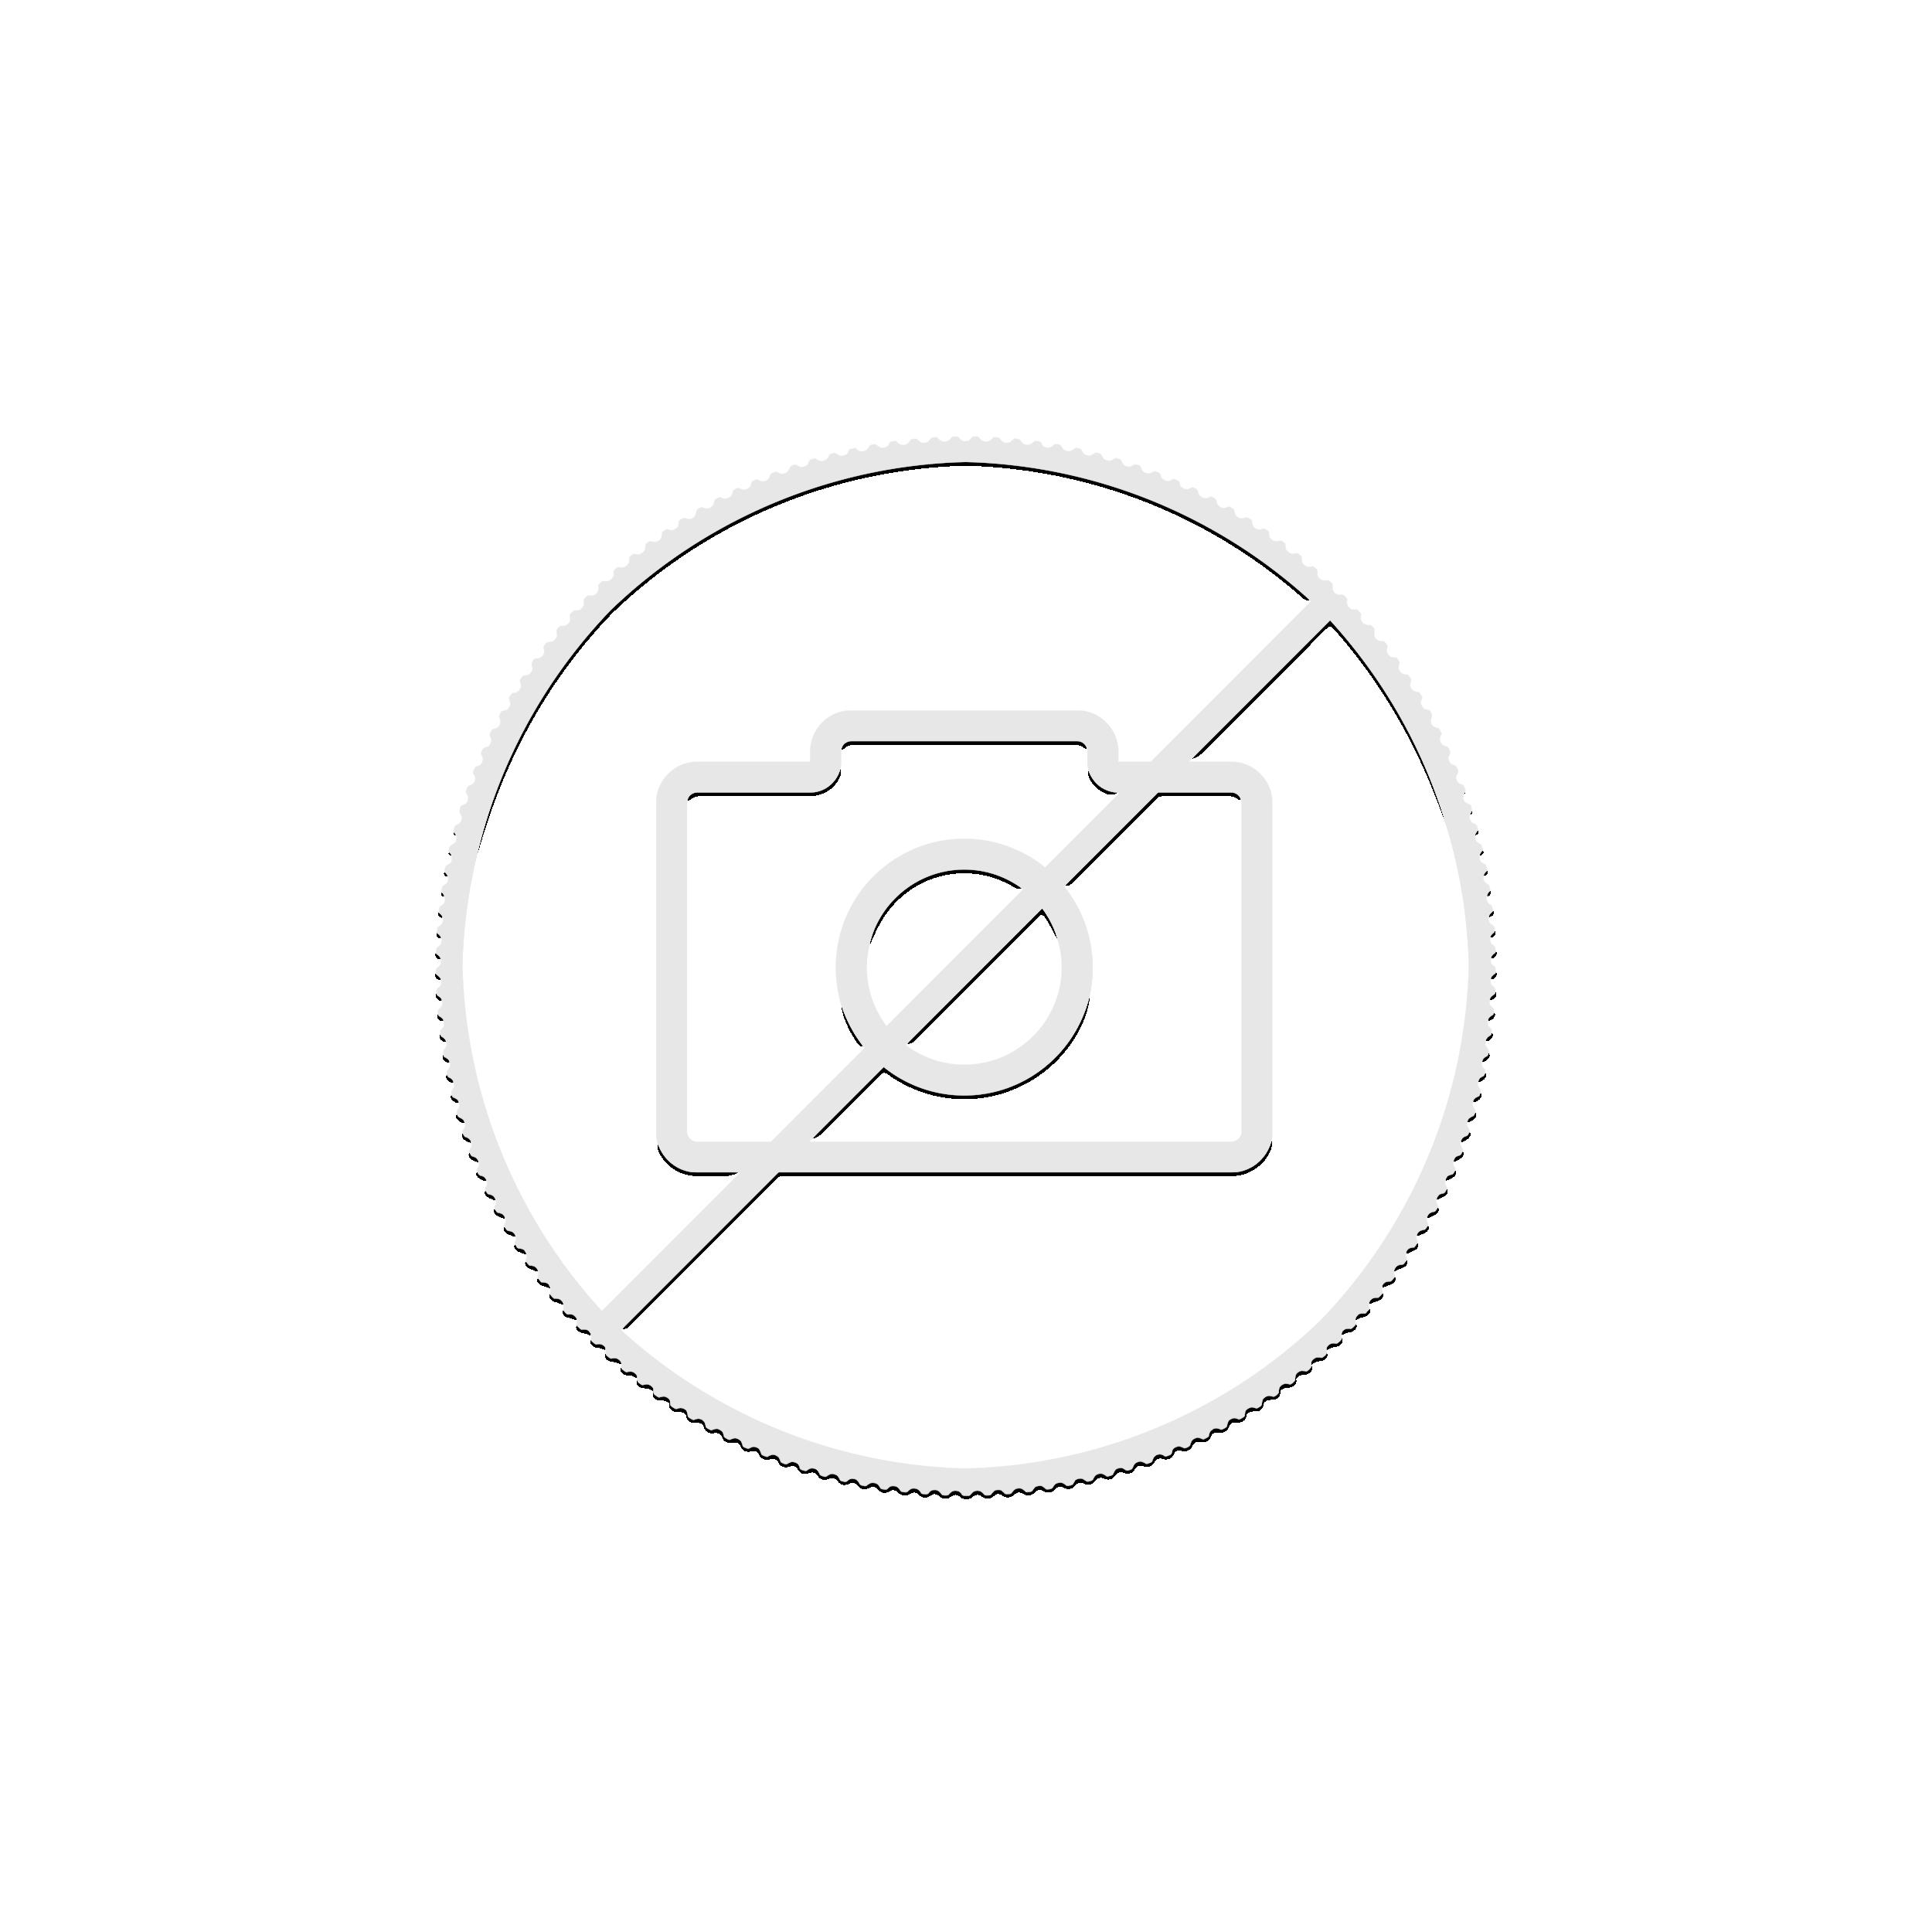 1/4 Troy ounce silver coin Britannia 2021